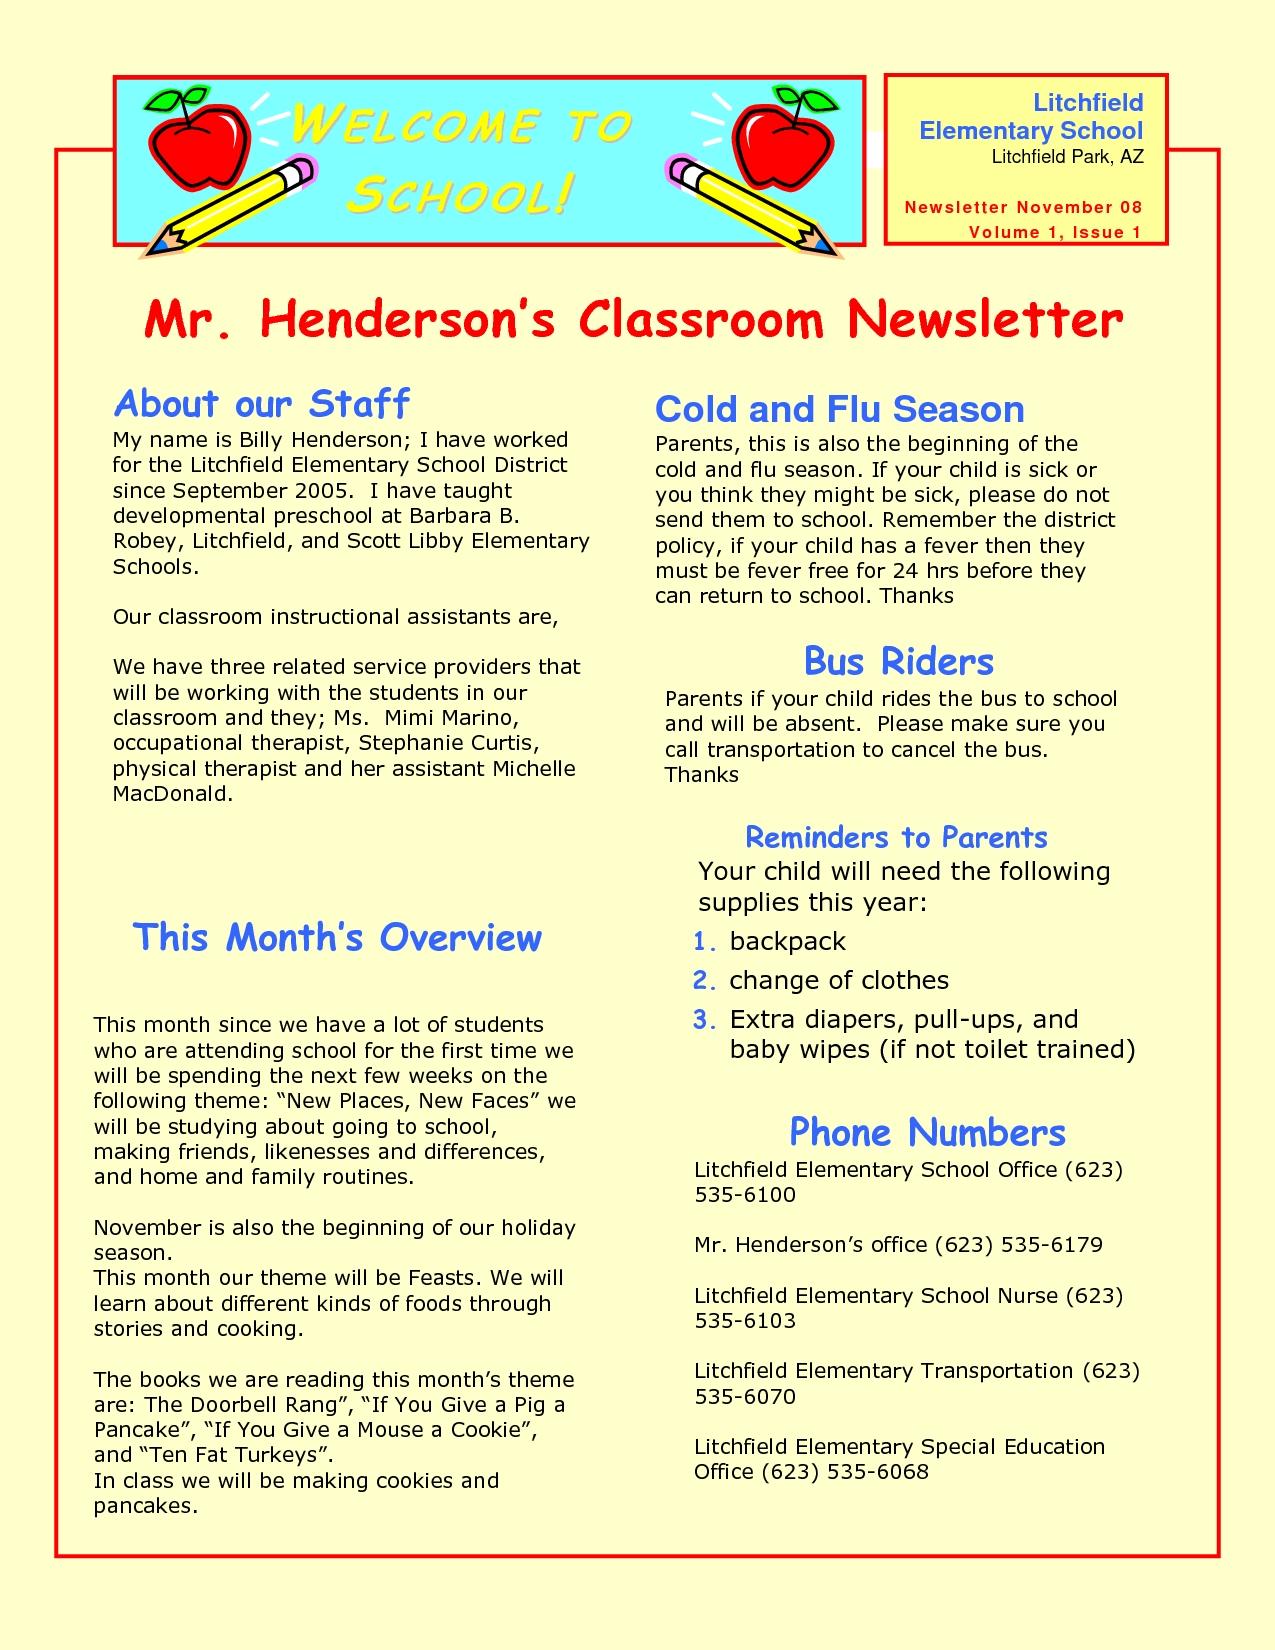 Pin Preschool Newsletter Samples Cake On Pinterest